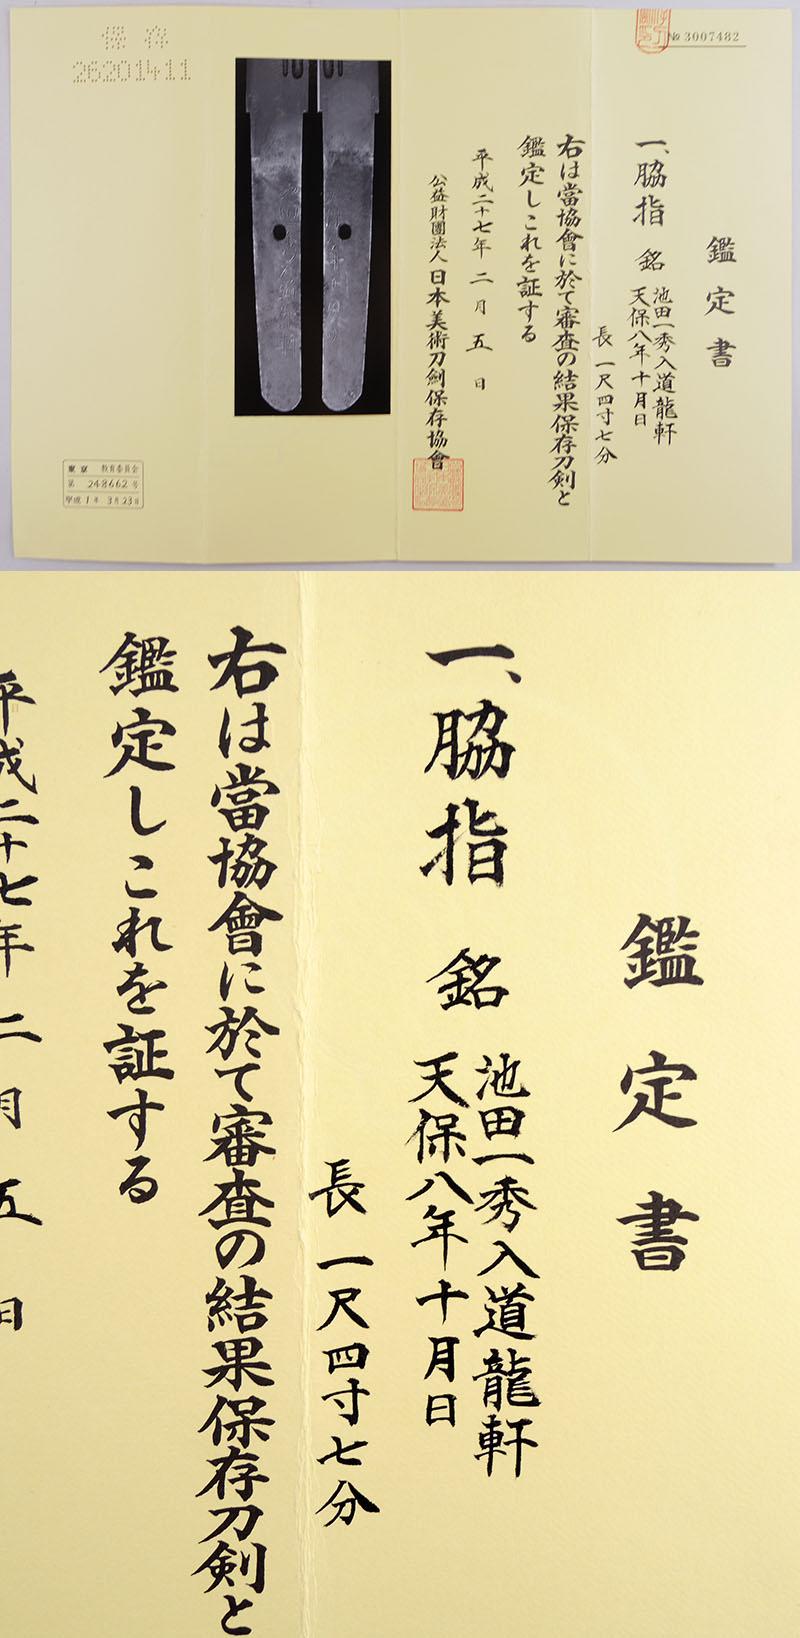 池田一秀入道龍軒 Picture of Certificate